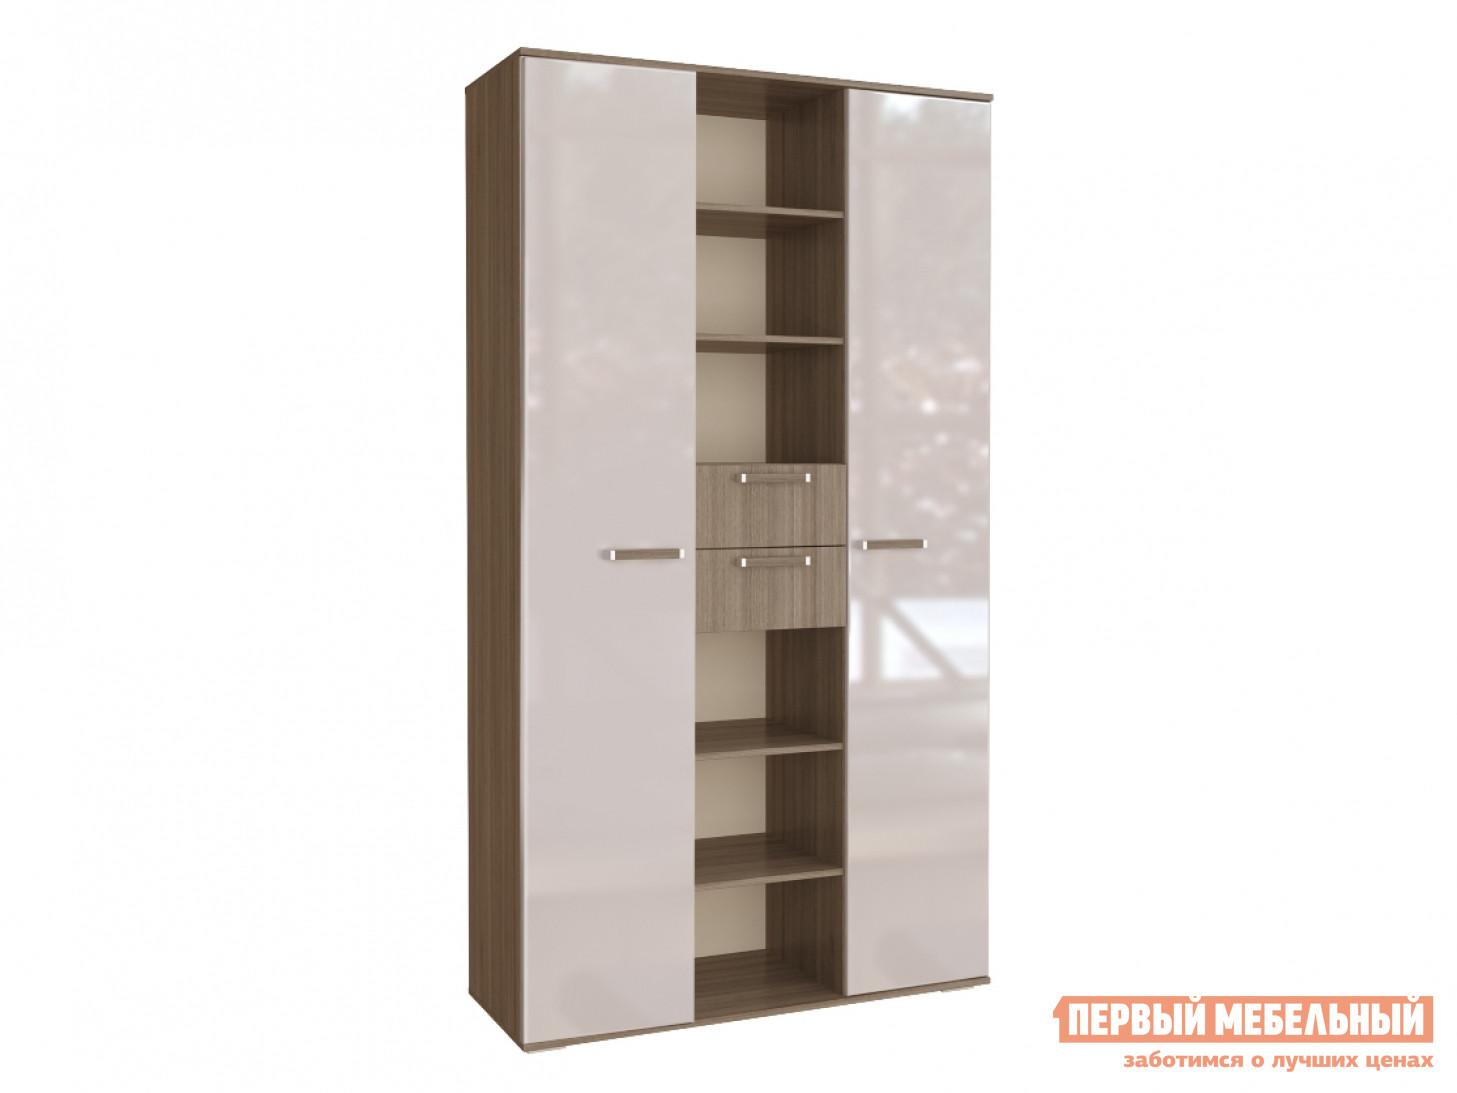 Шкаф распашной Первый Мебельный Шкаф Бьюти 2-х створчатый